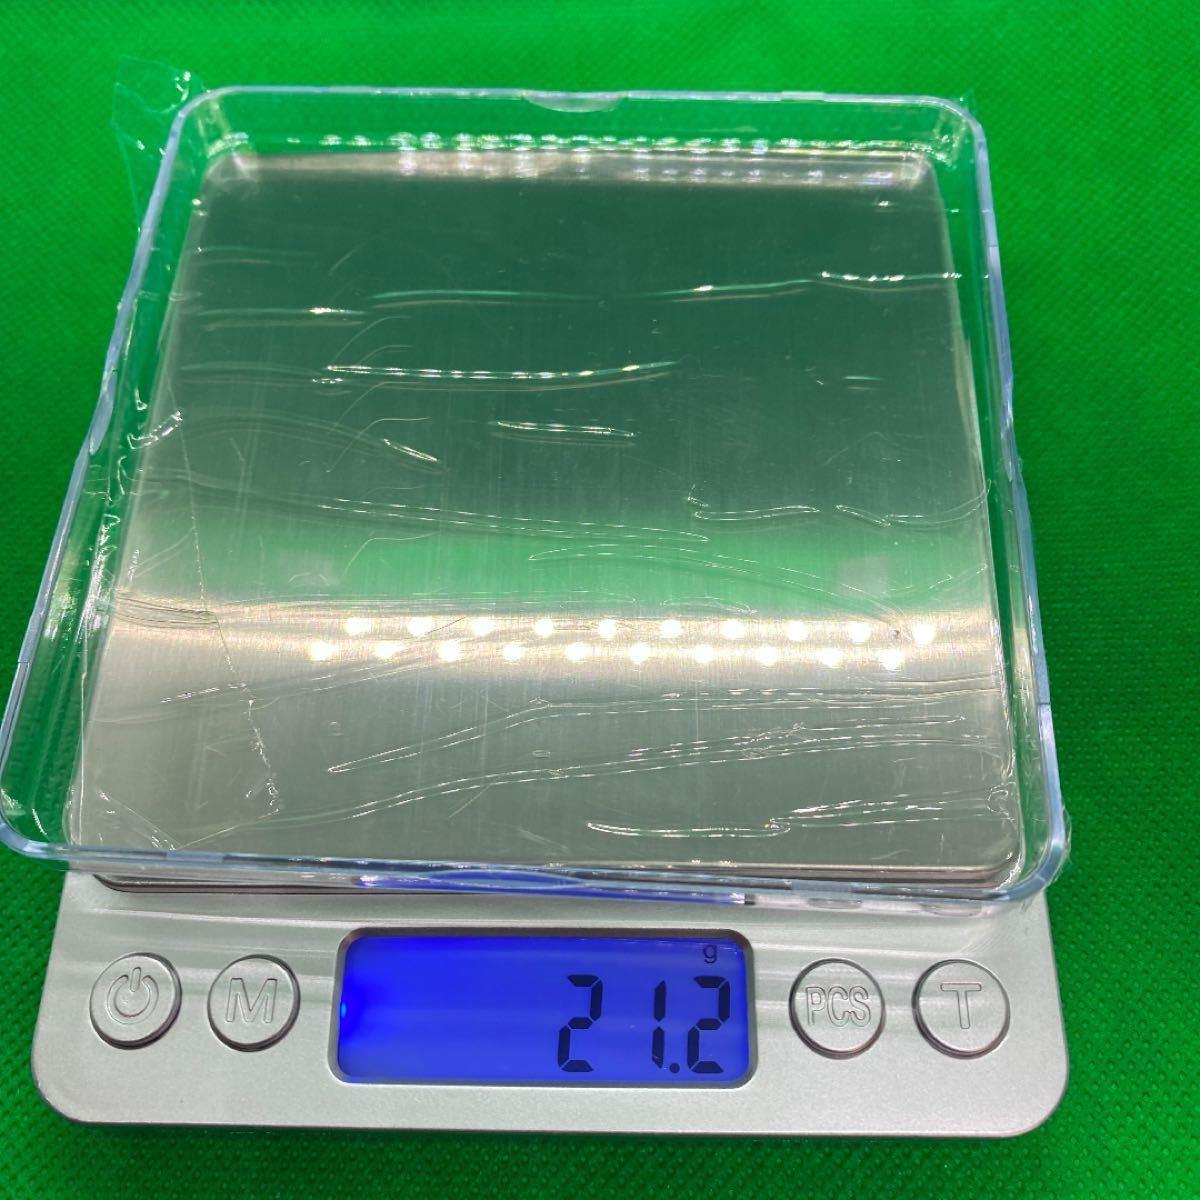 キッチンスケール 3kg はかり 0.1g 電子秤